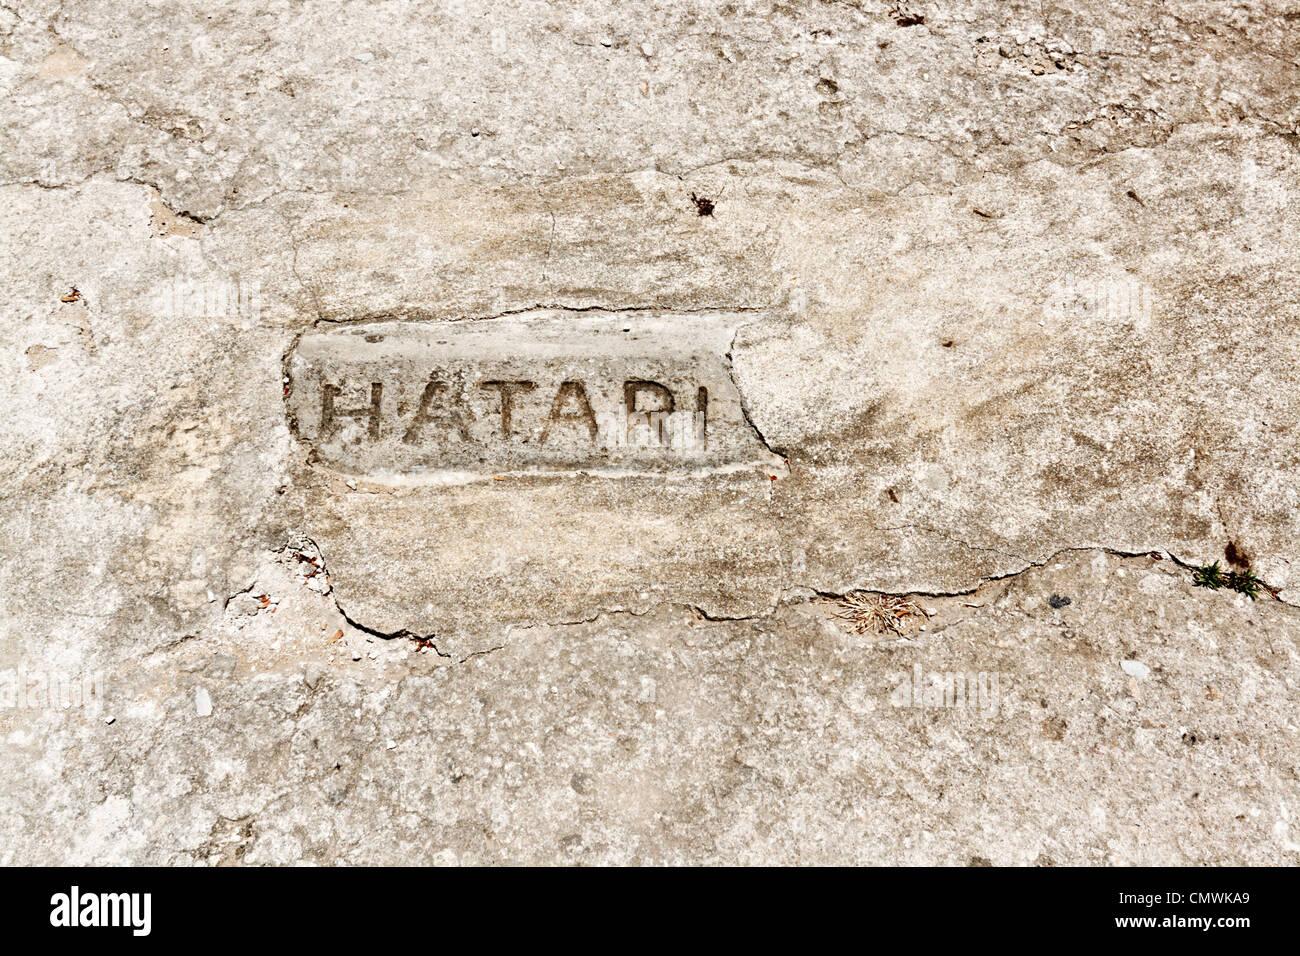 Hatari eingemeißelt in Mauerwerk Stock Photo